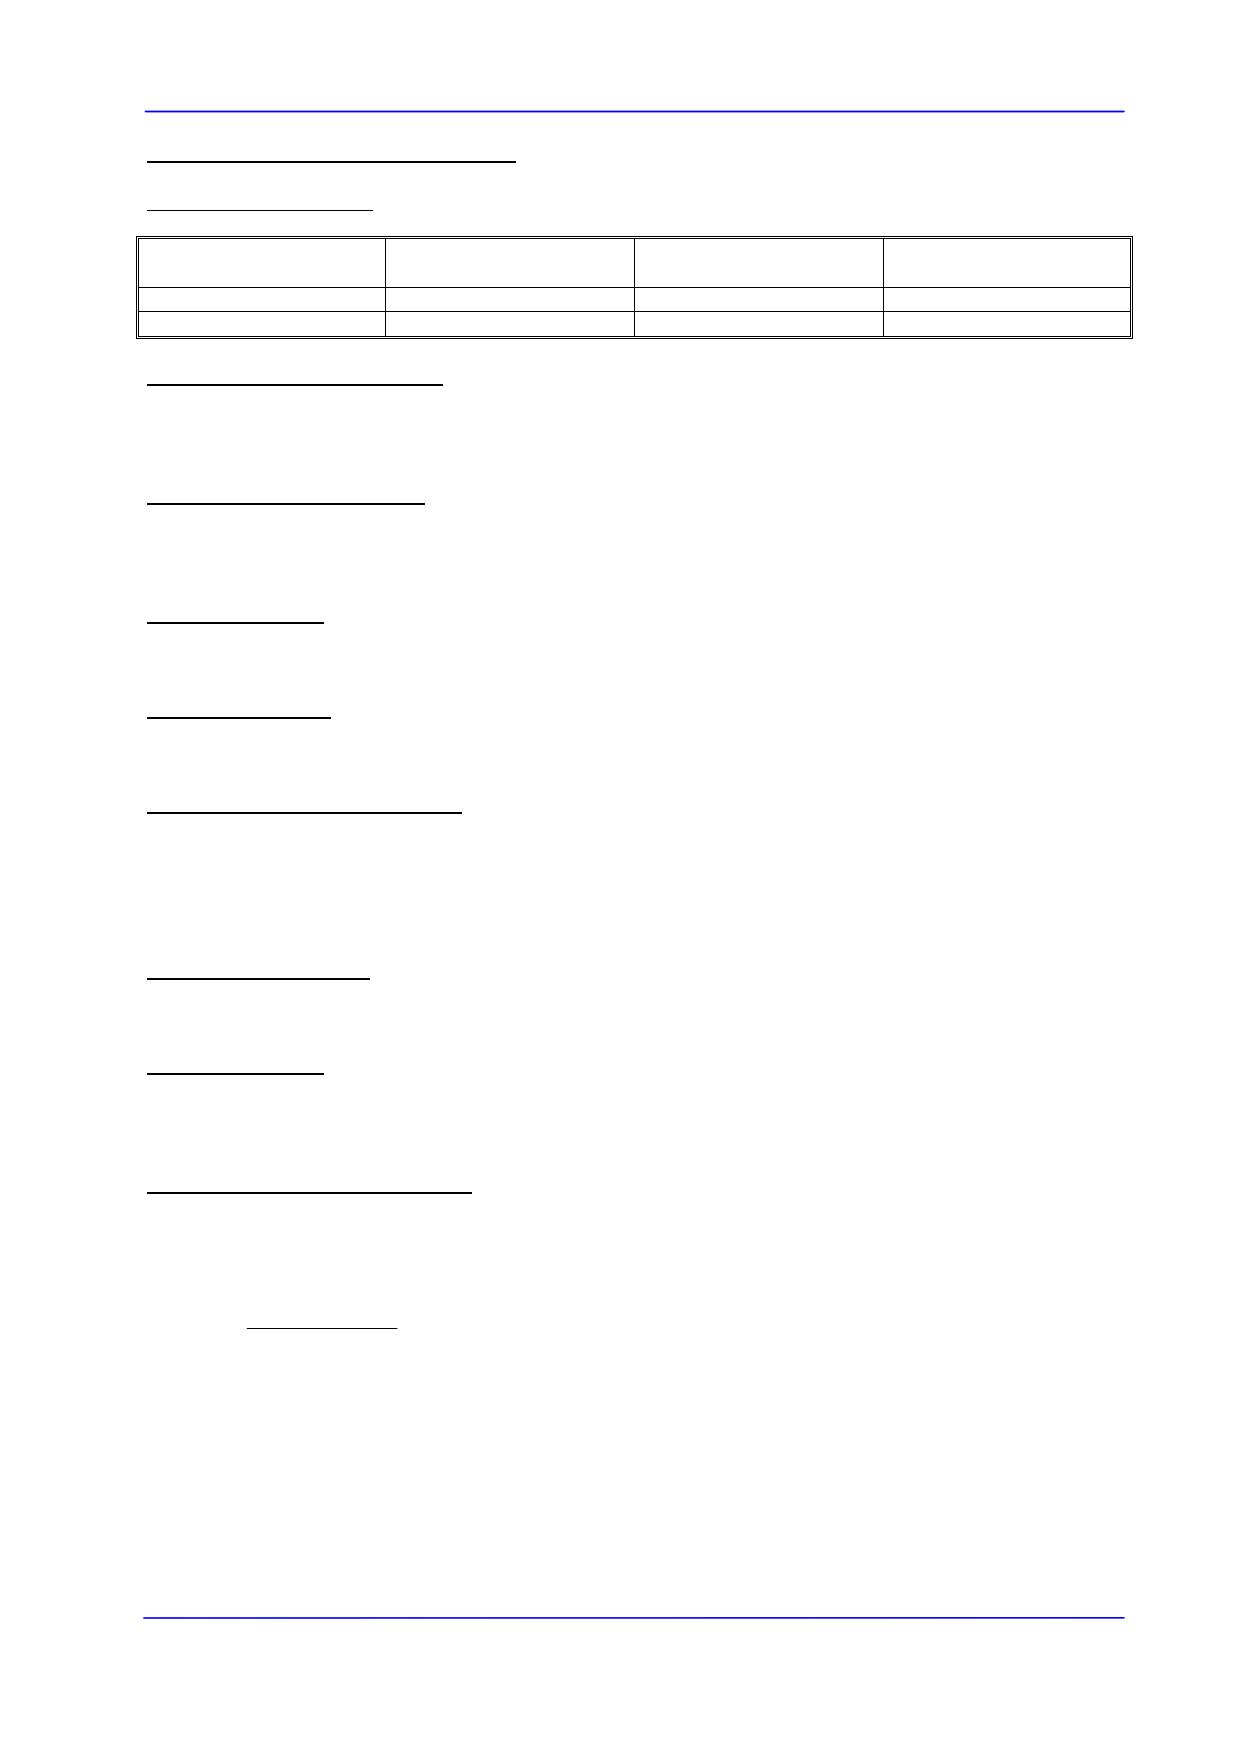 R0577YS10E pdf, ピン配列